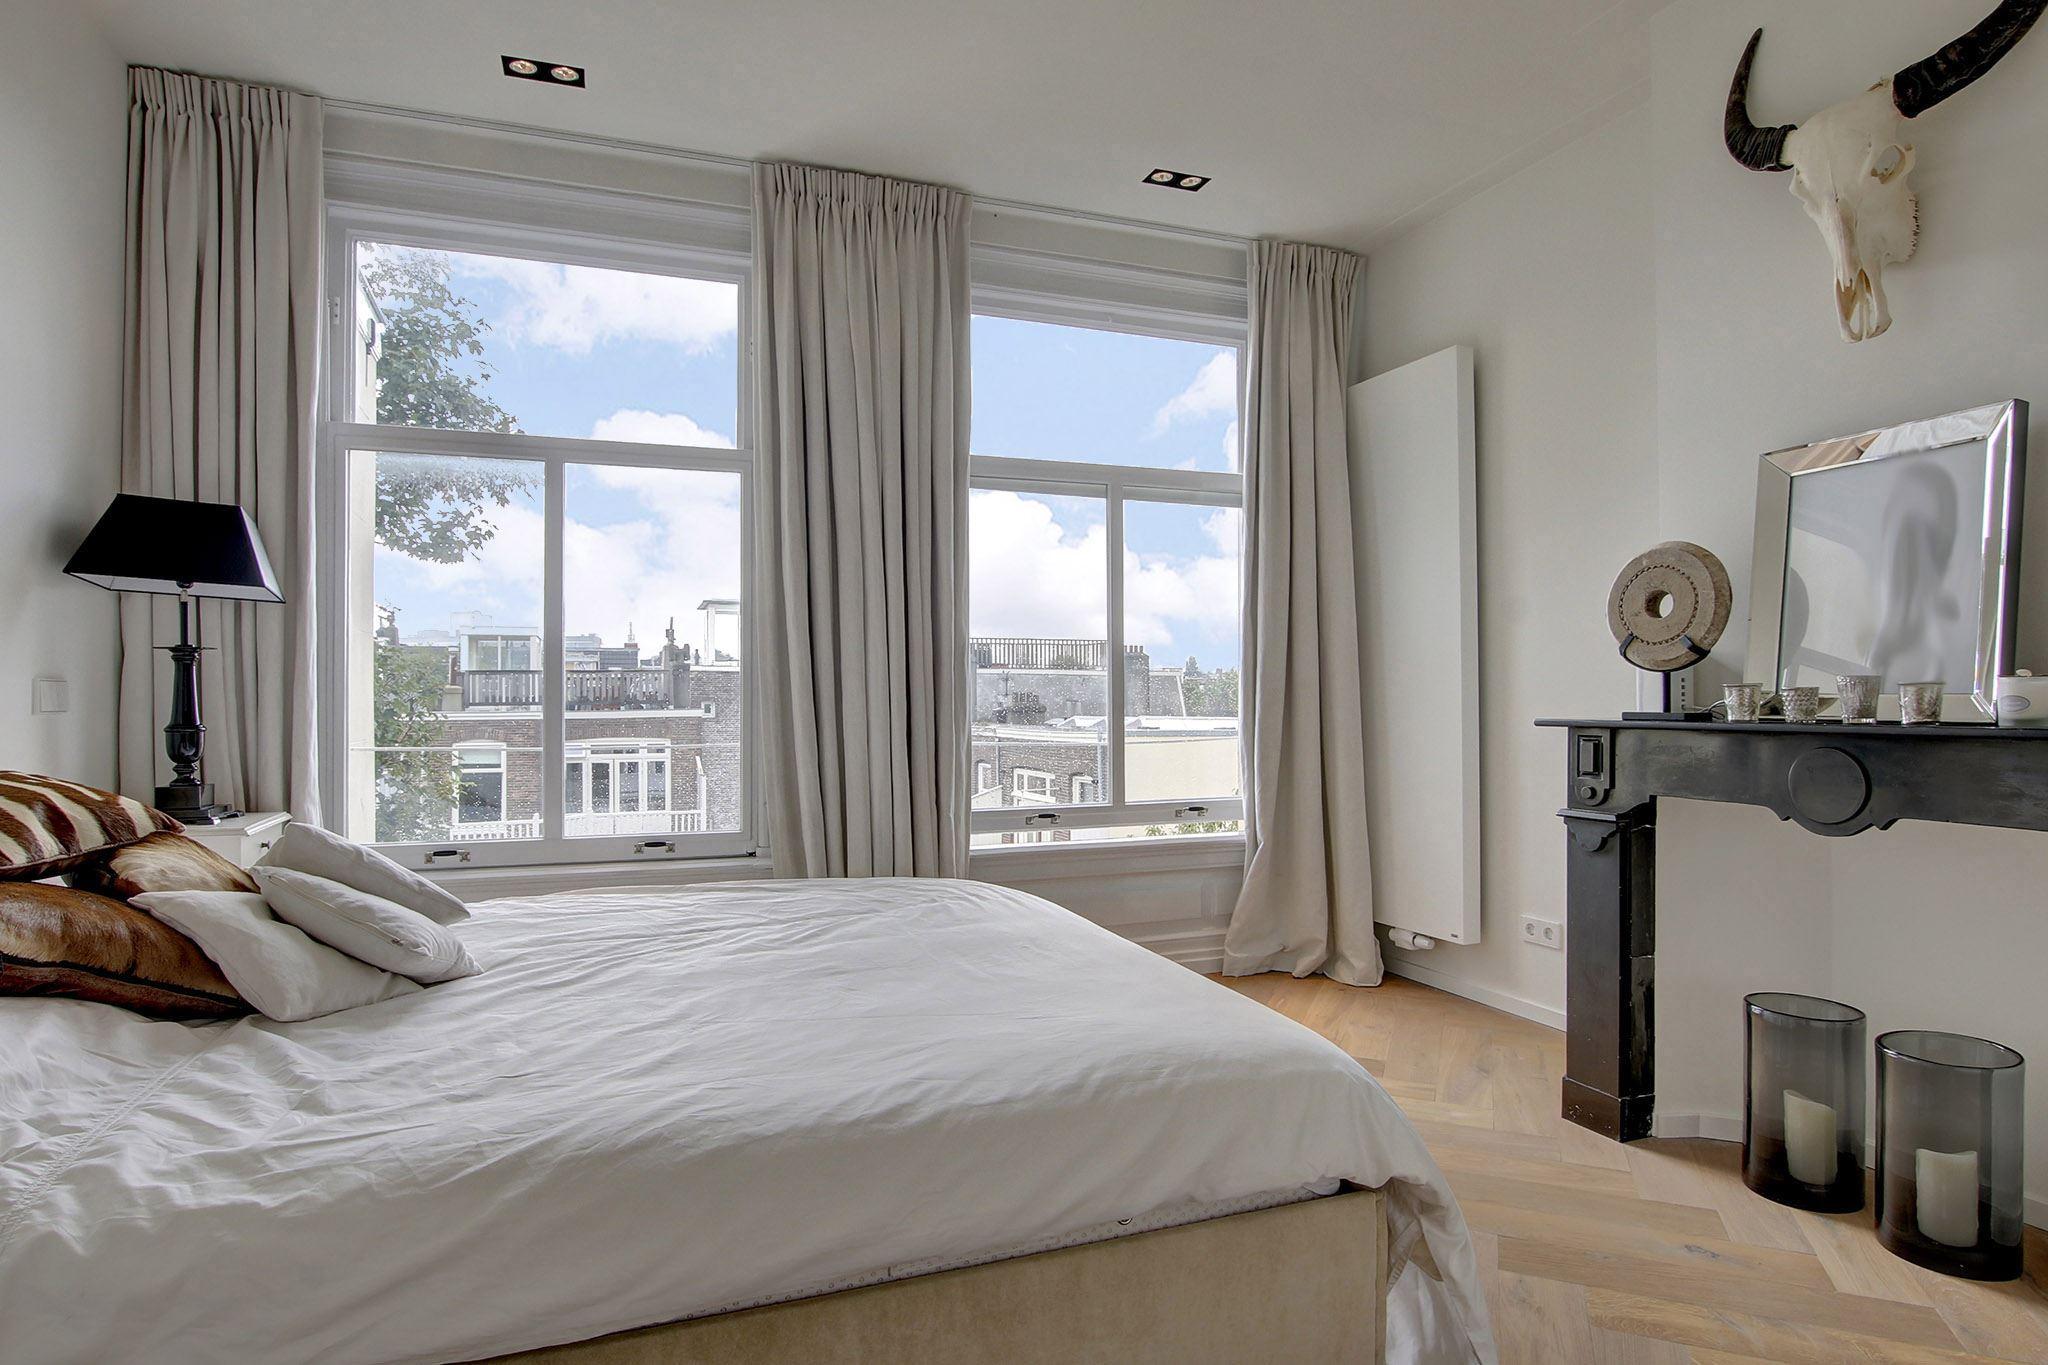 спальня кровать окно настенный радиатор отопления камин портал декор свечи